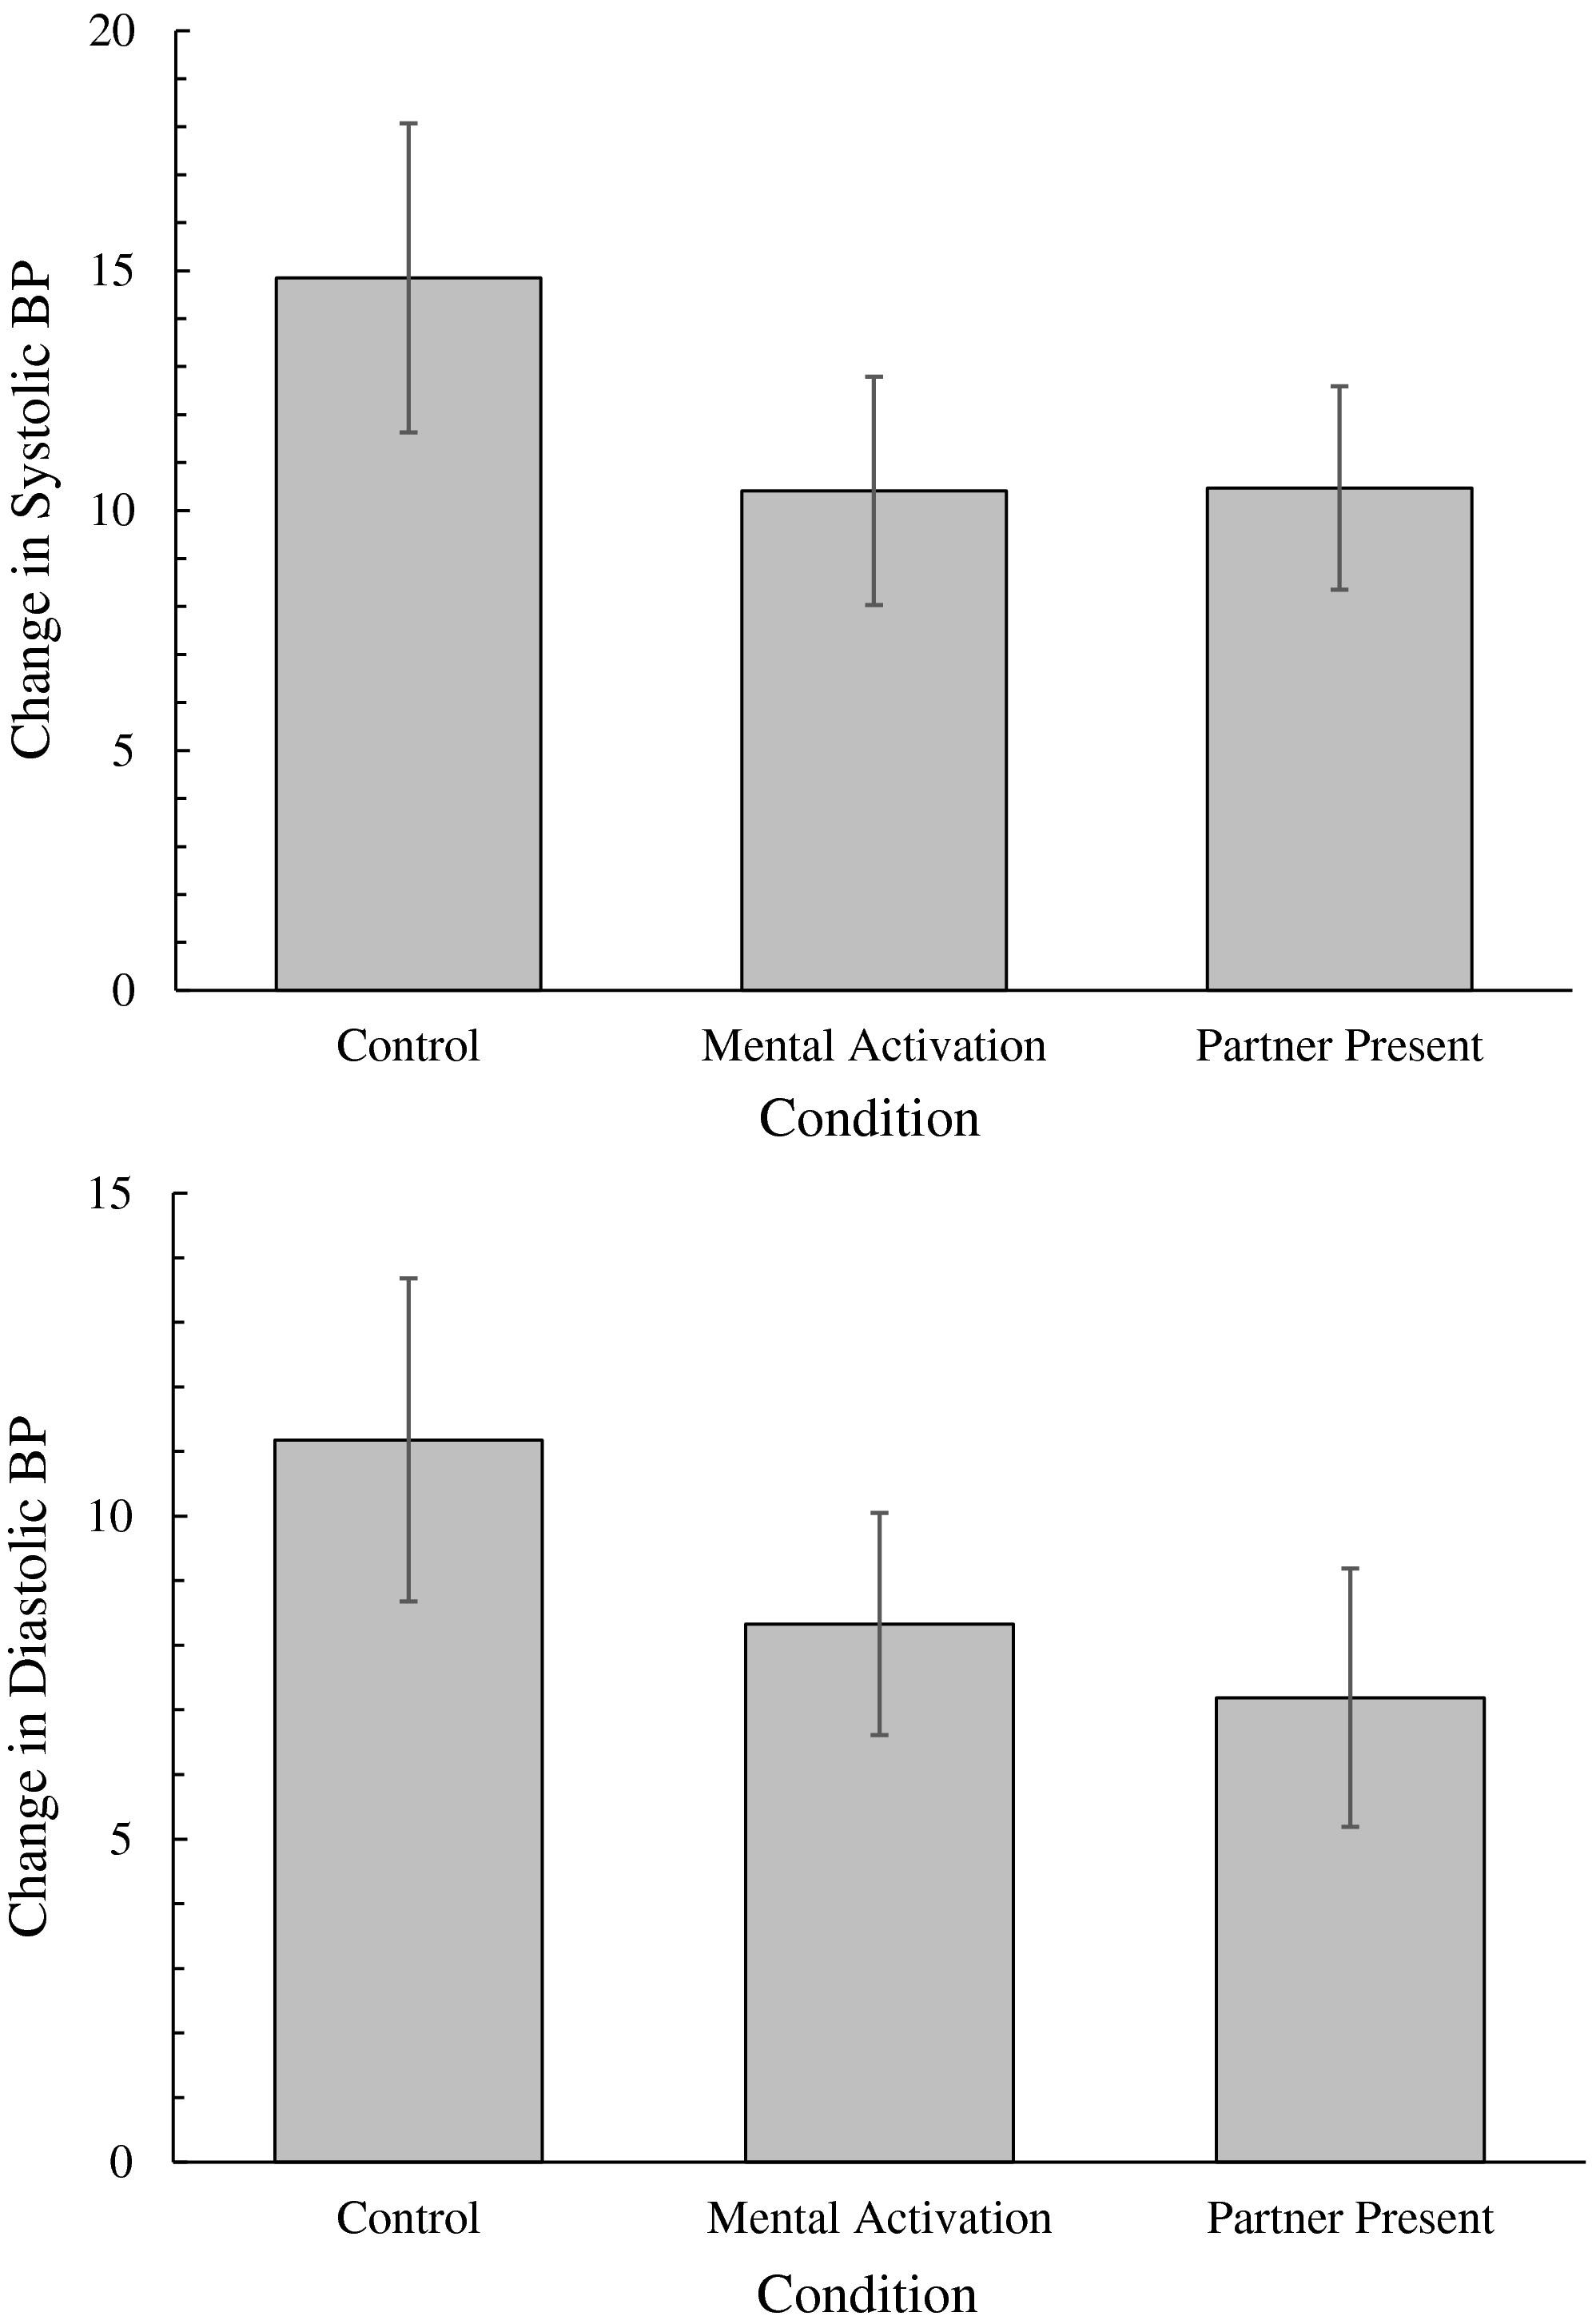 Присутствие романтического партнера понизило давление в стрессовой ситуации